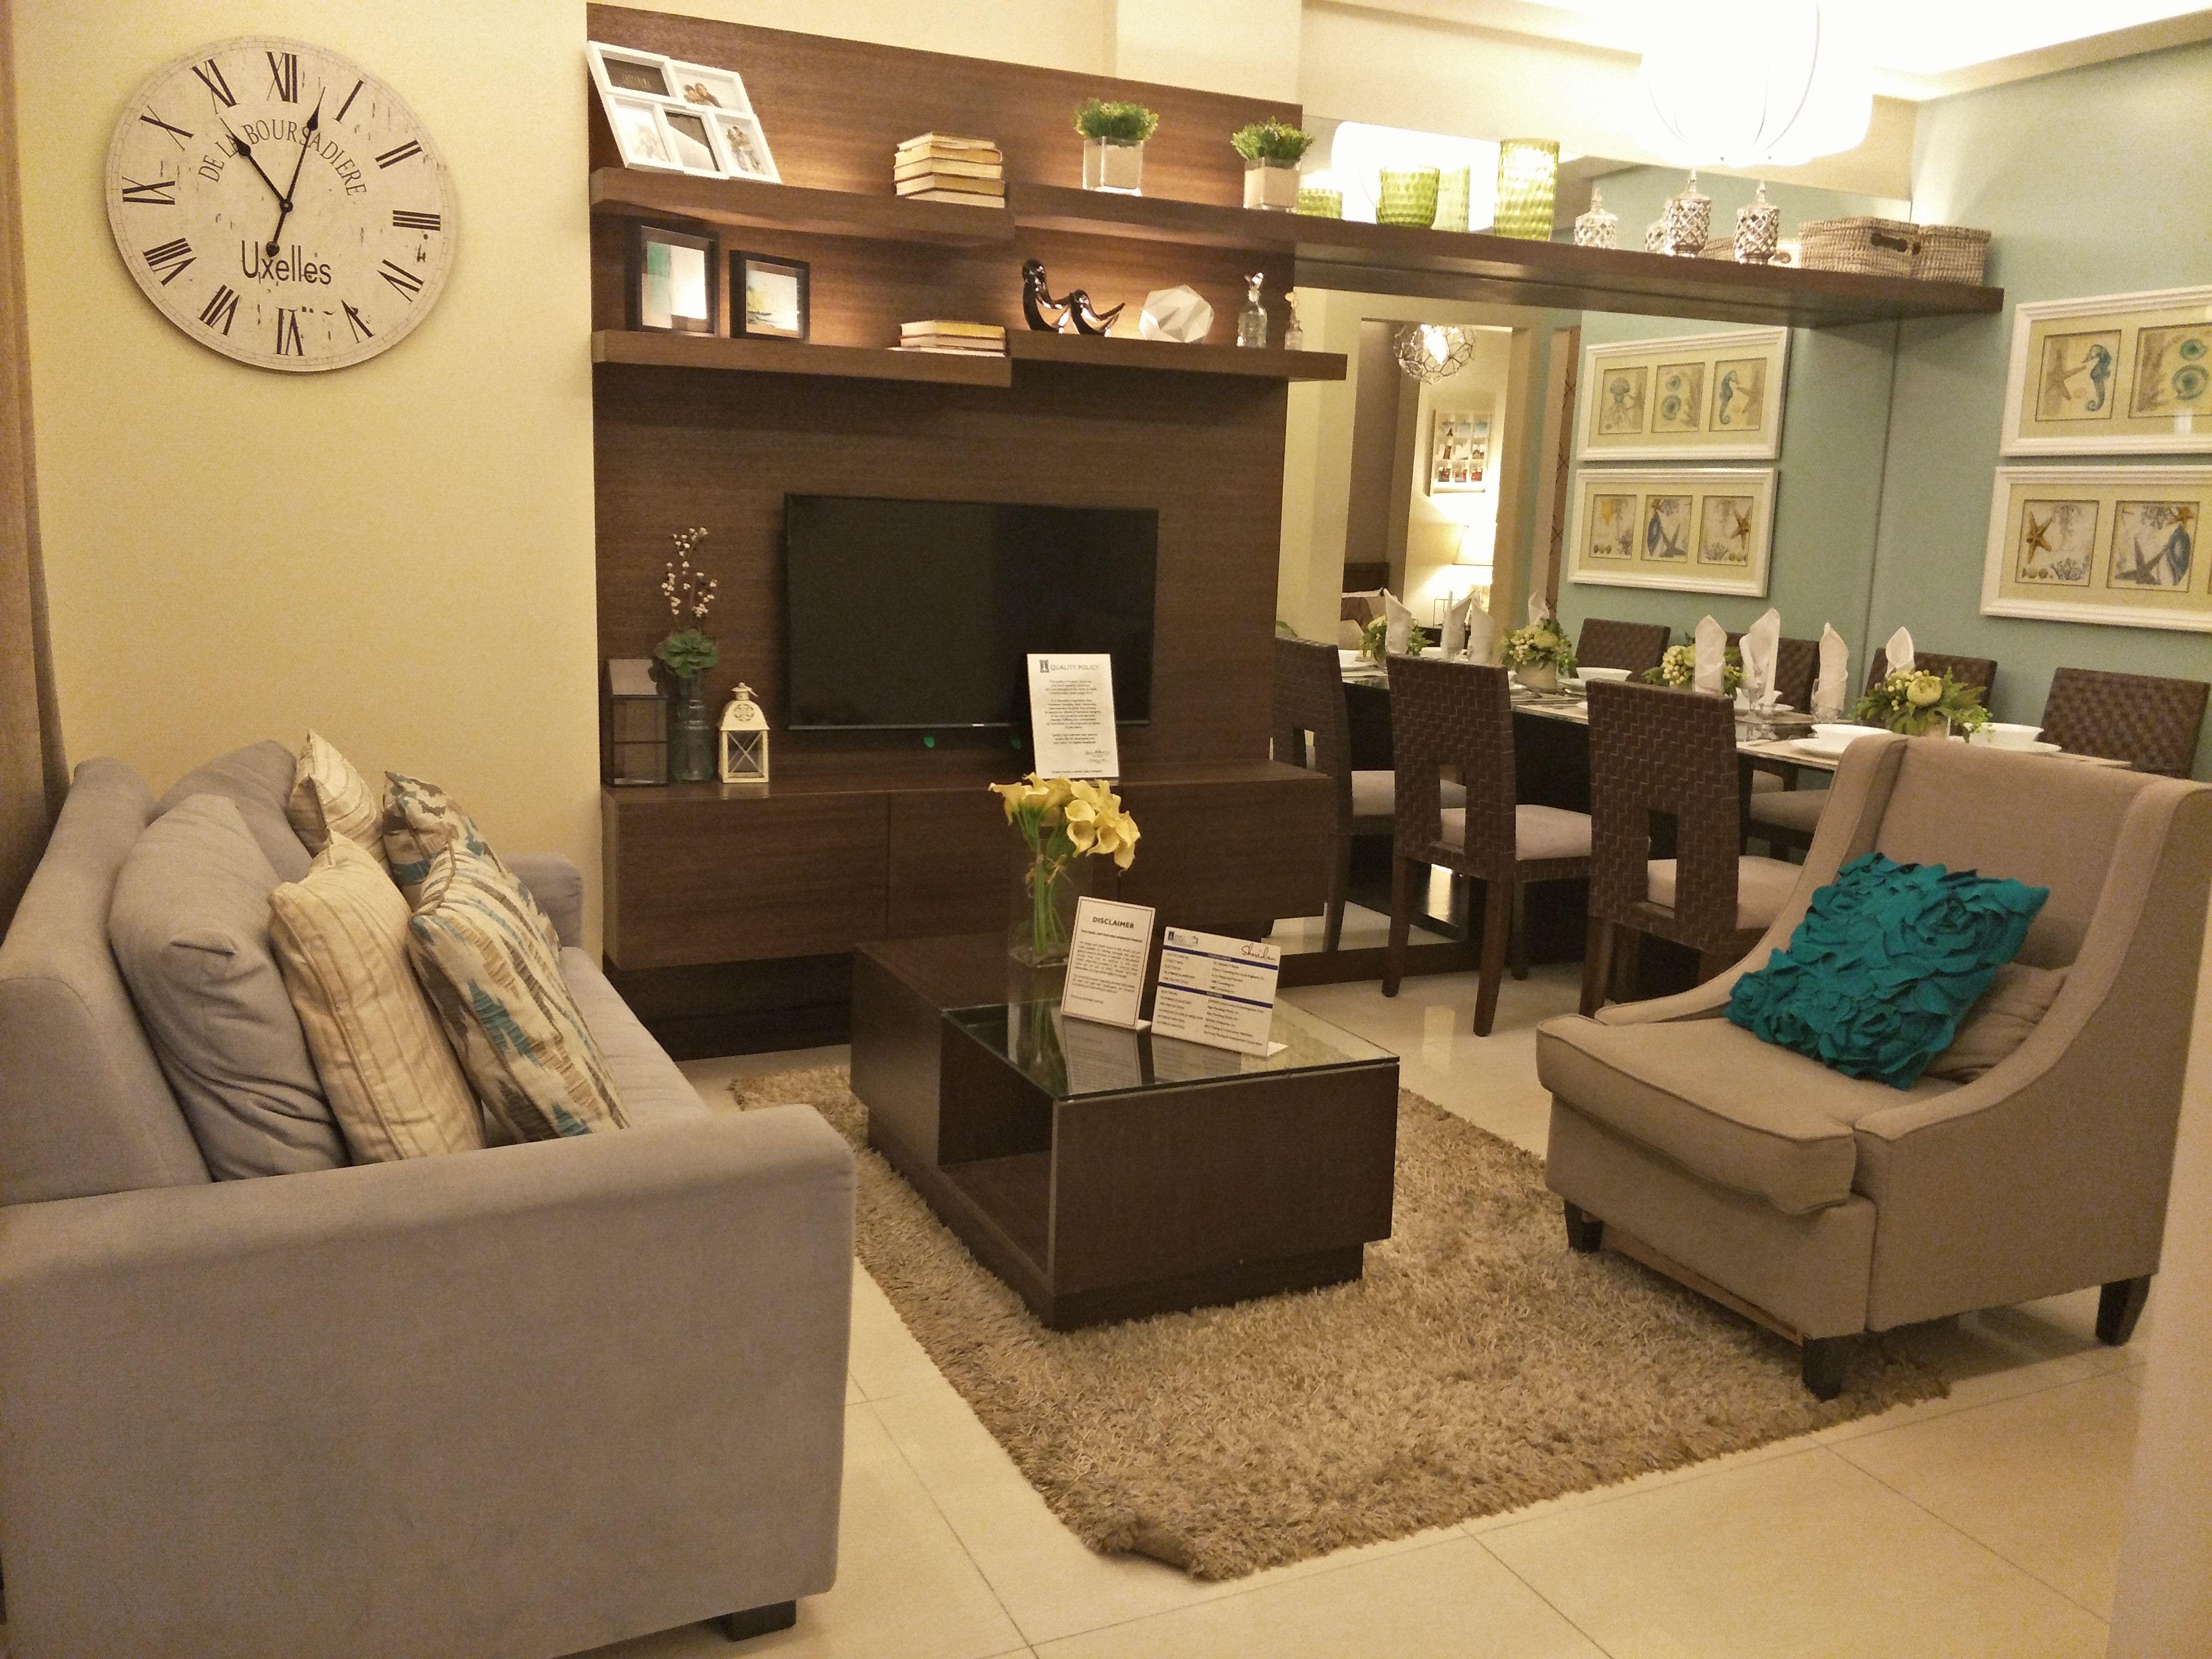 Dmci Homes Condominium In Metro Manila Affordable Condo Units